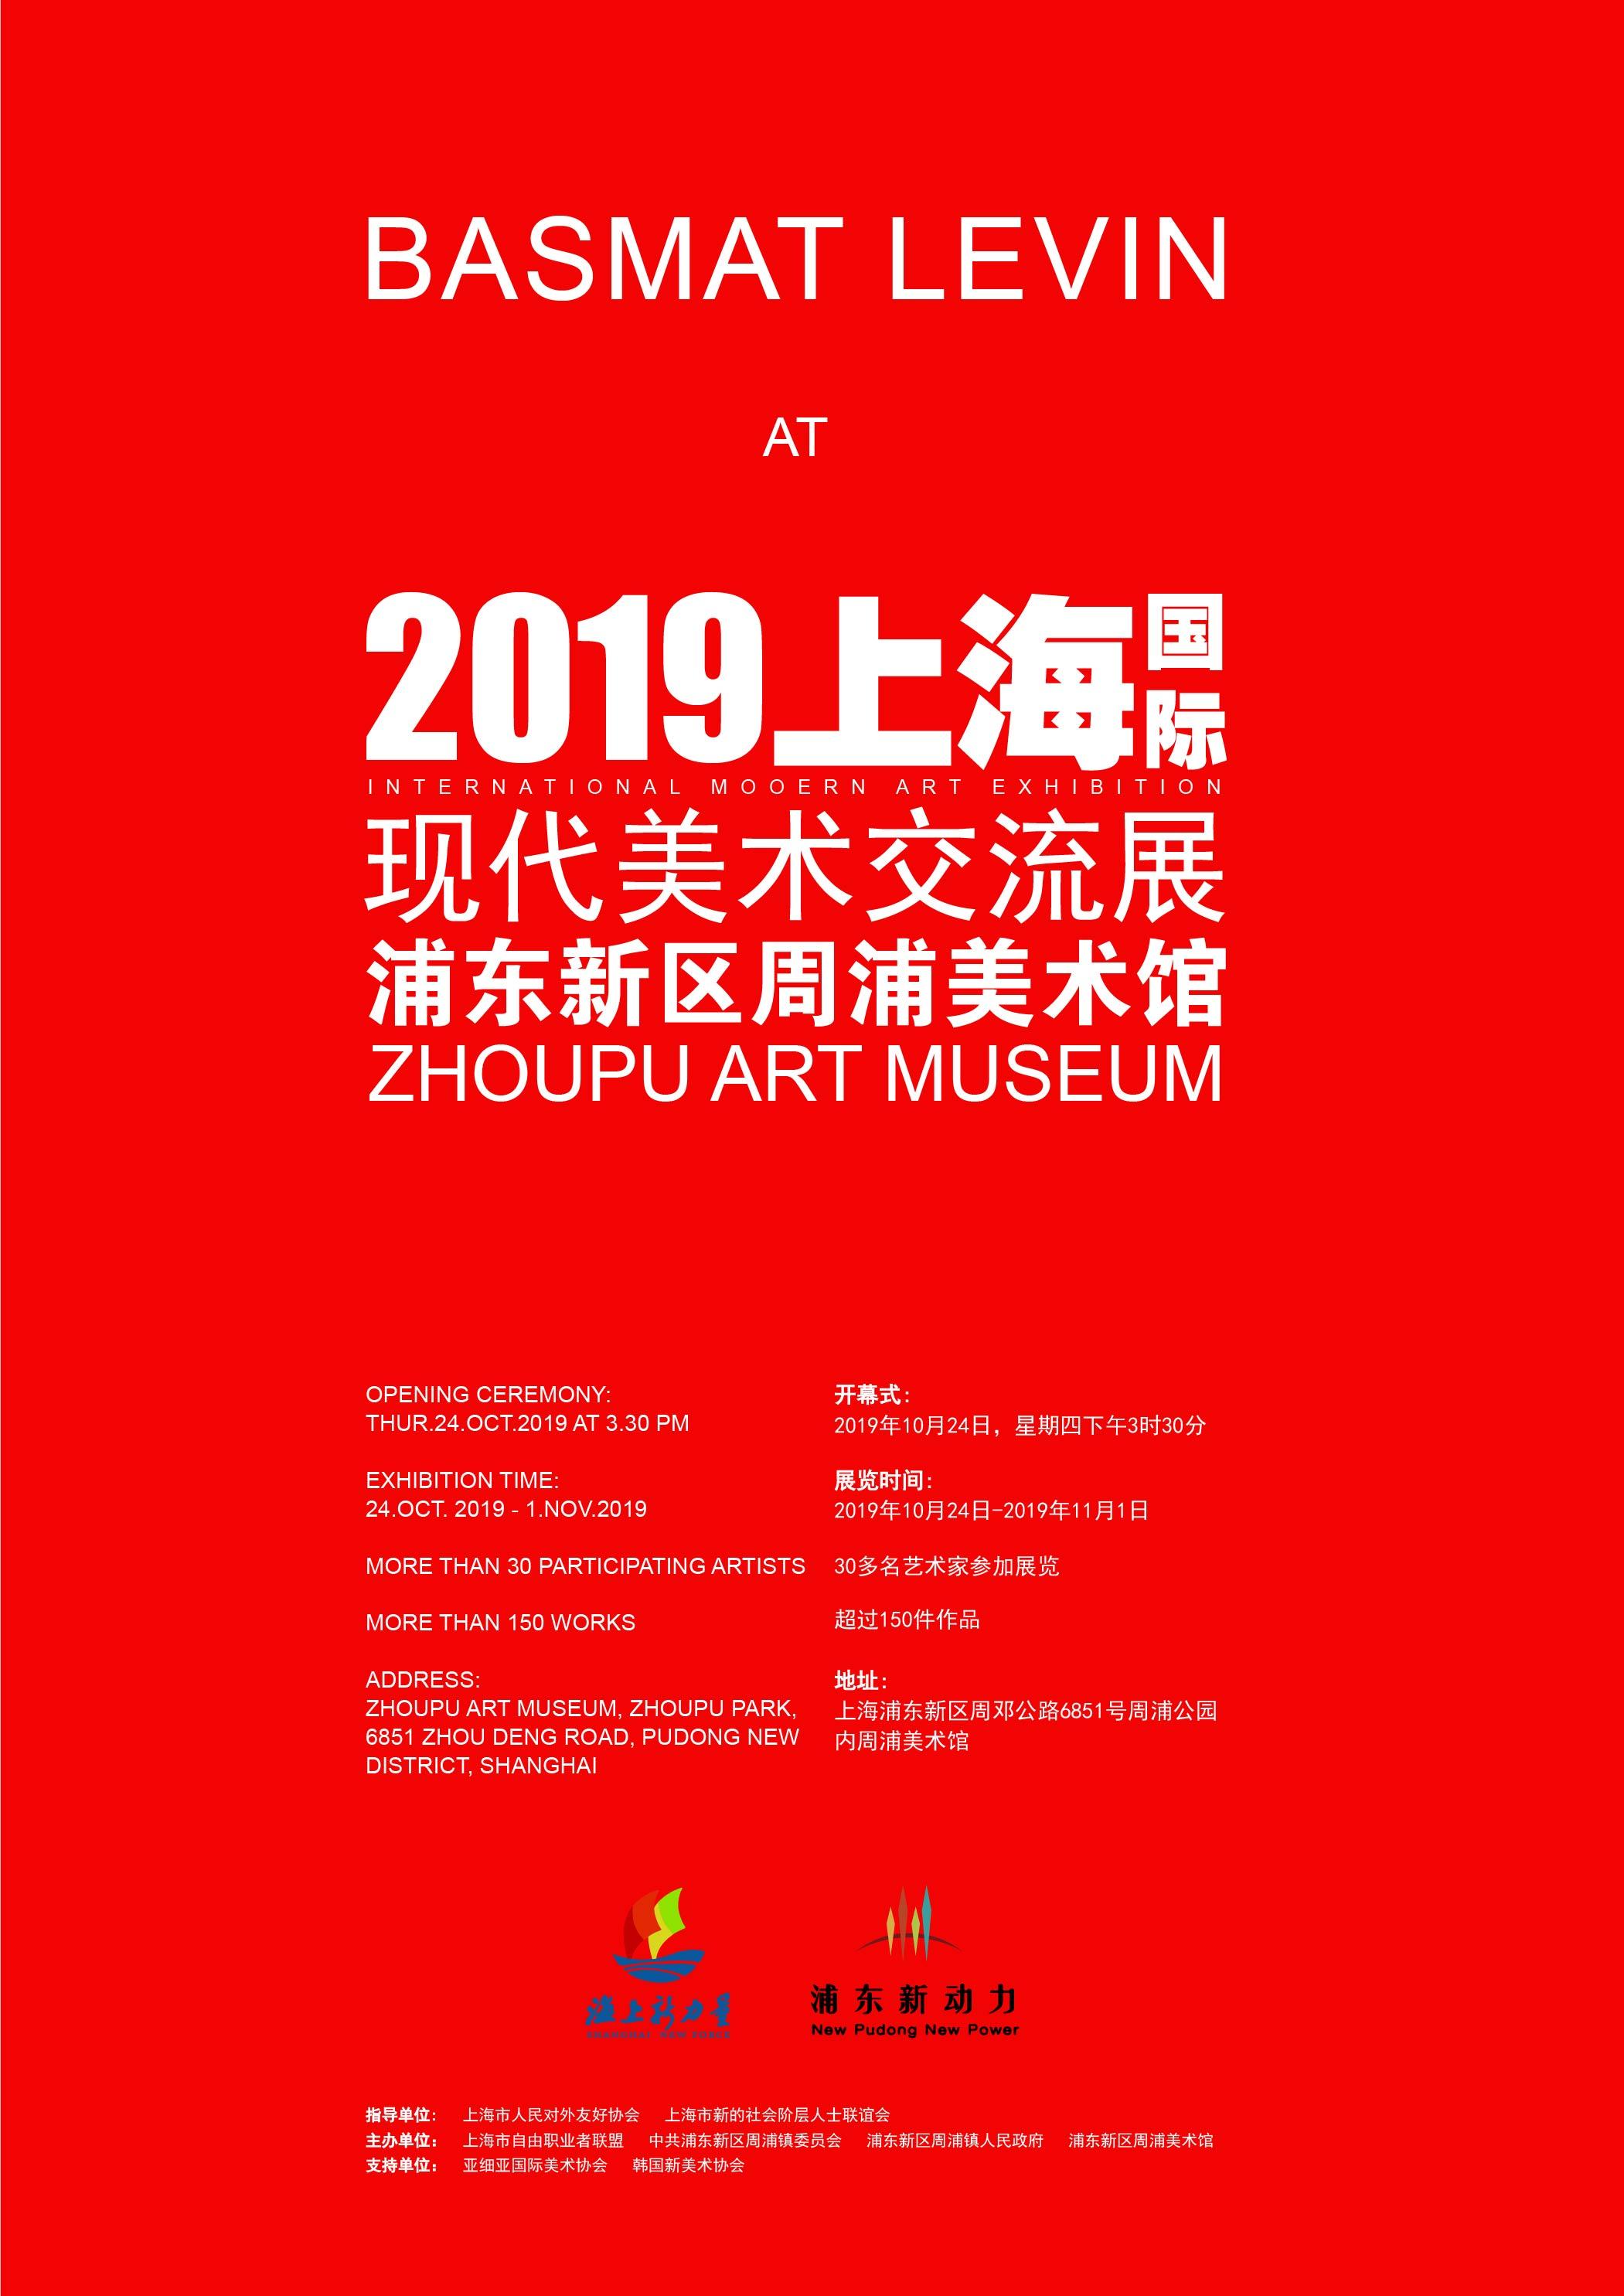 WHYWHY ART ZHOUPU ART MUSEUM